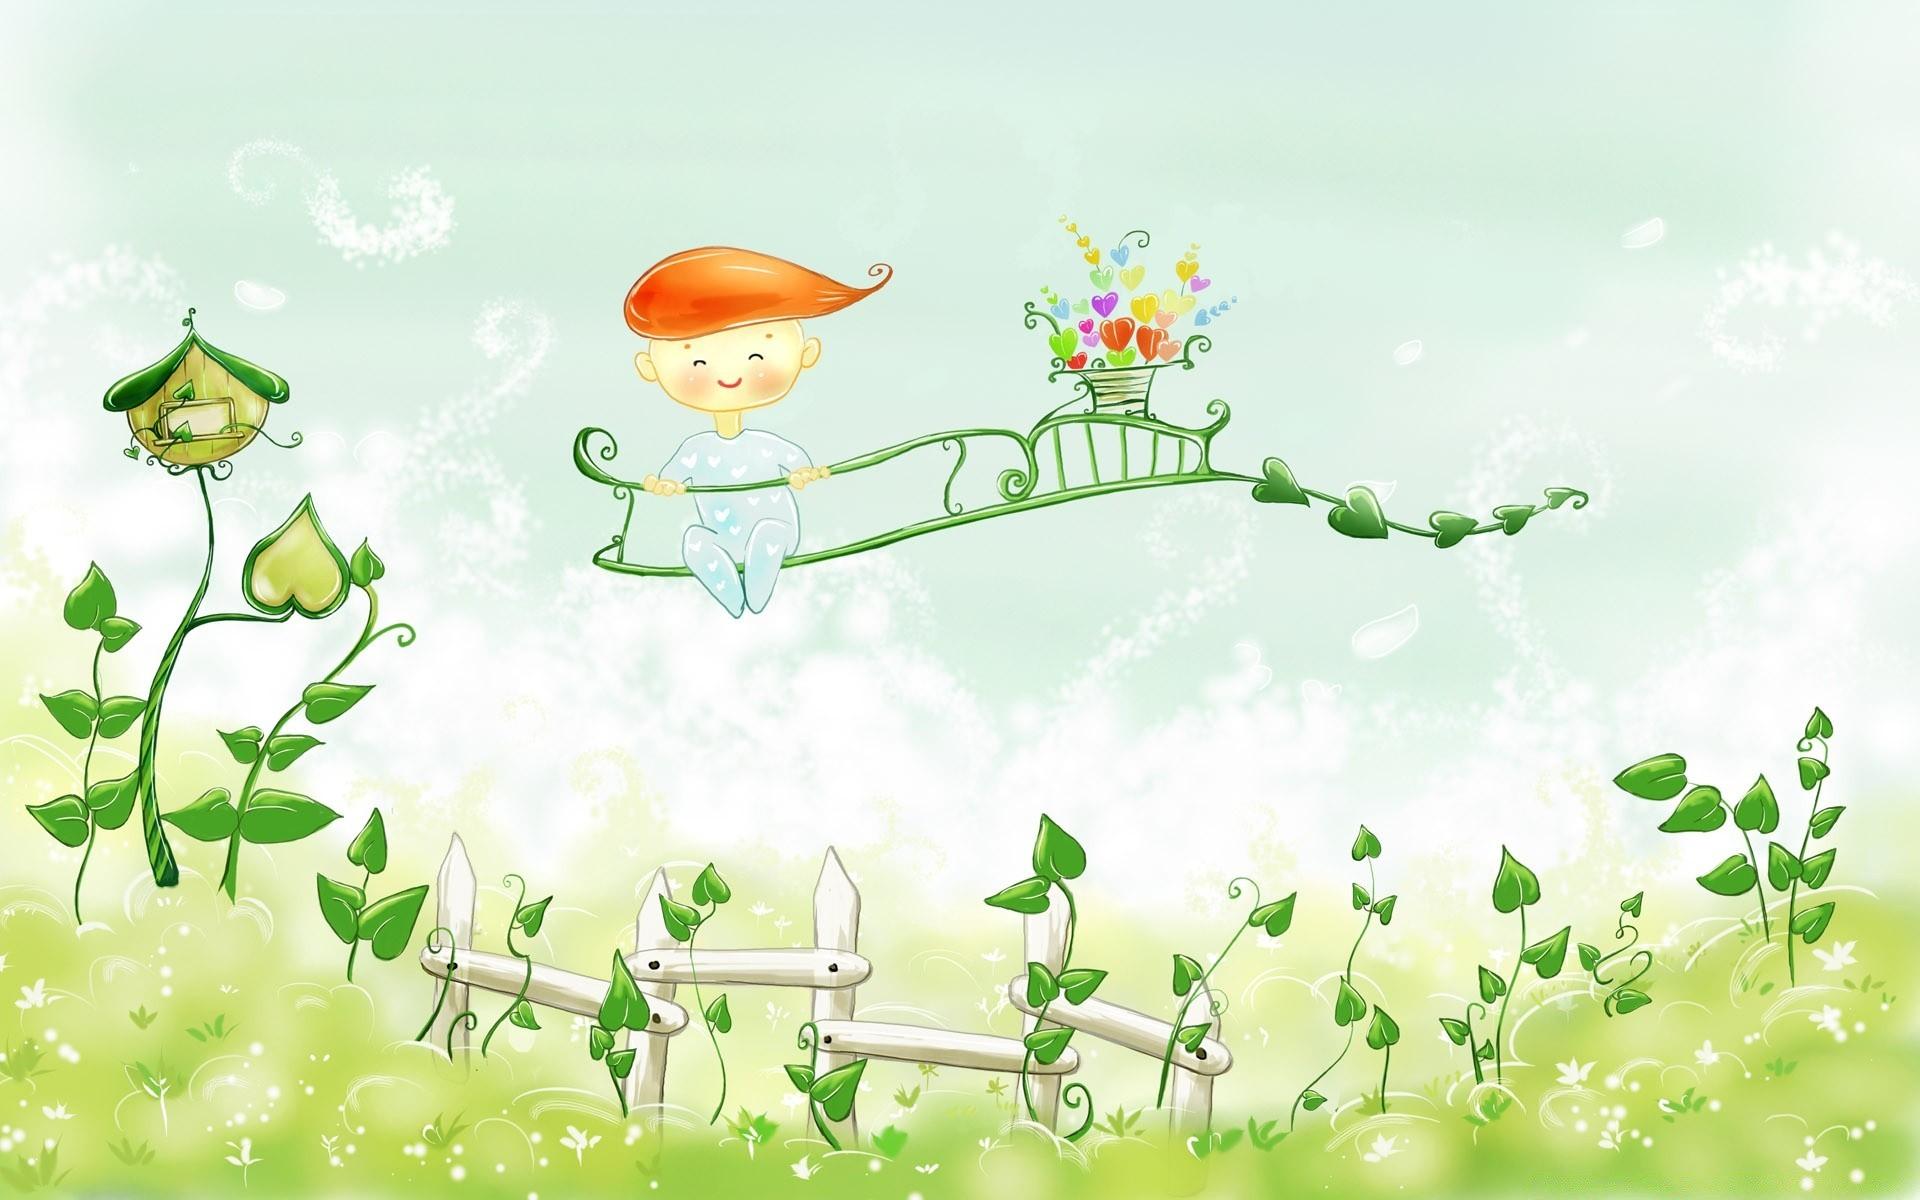 Сказочные картинки весны на рабочий стол выборе гардин